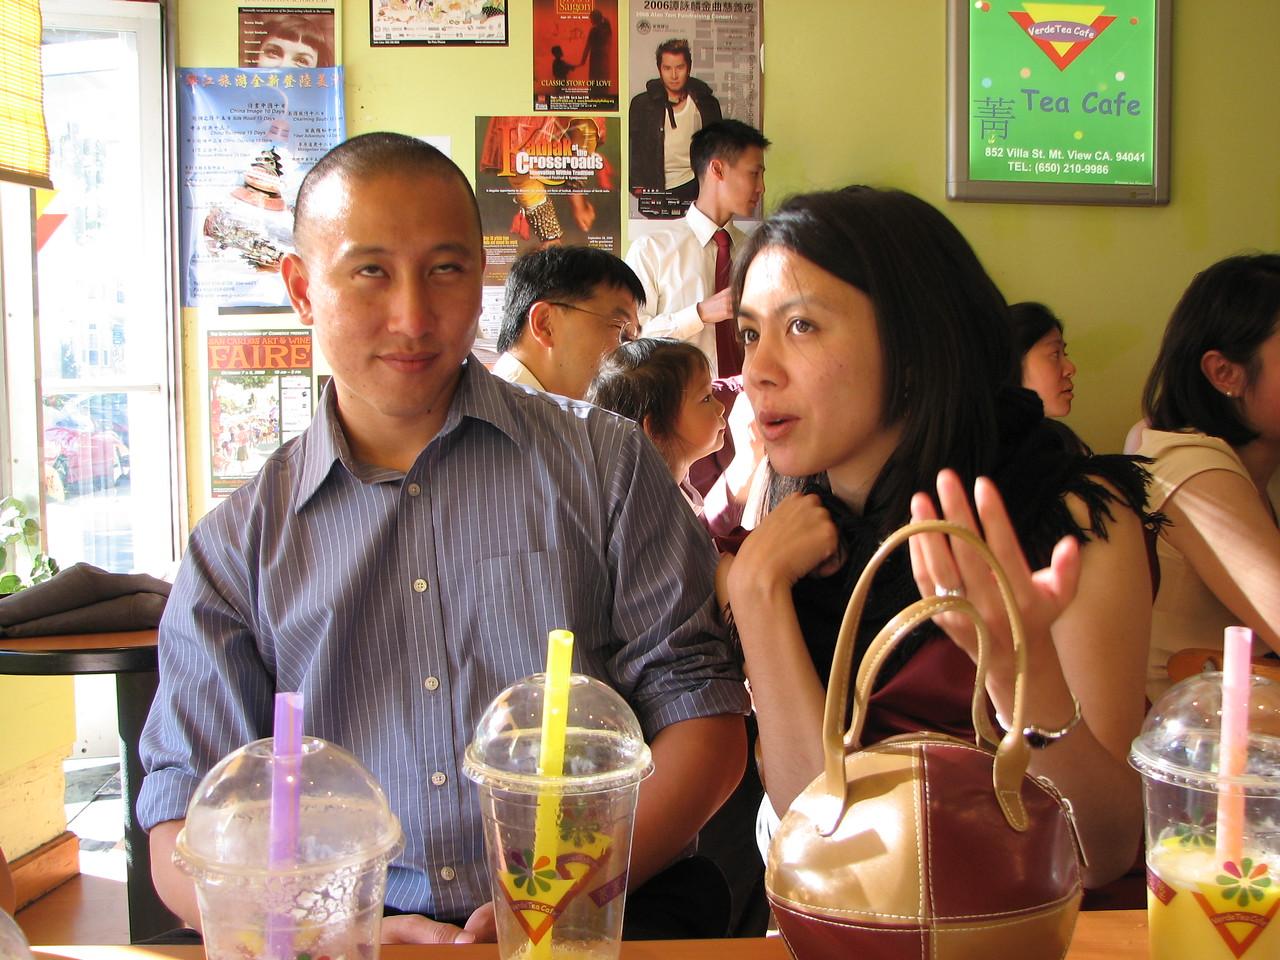 2006 10 08 Sun - In between boba @ Café Verde again - Rolling eyes Mike Lee & Amy Lee